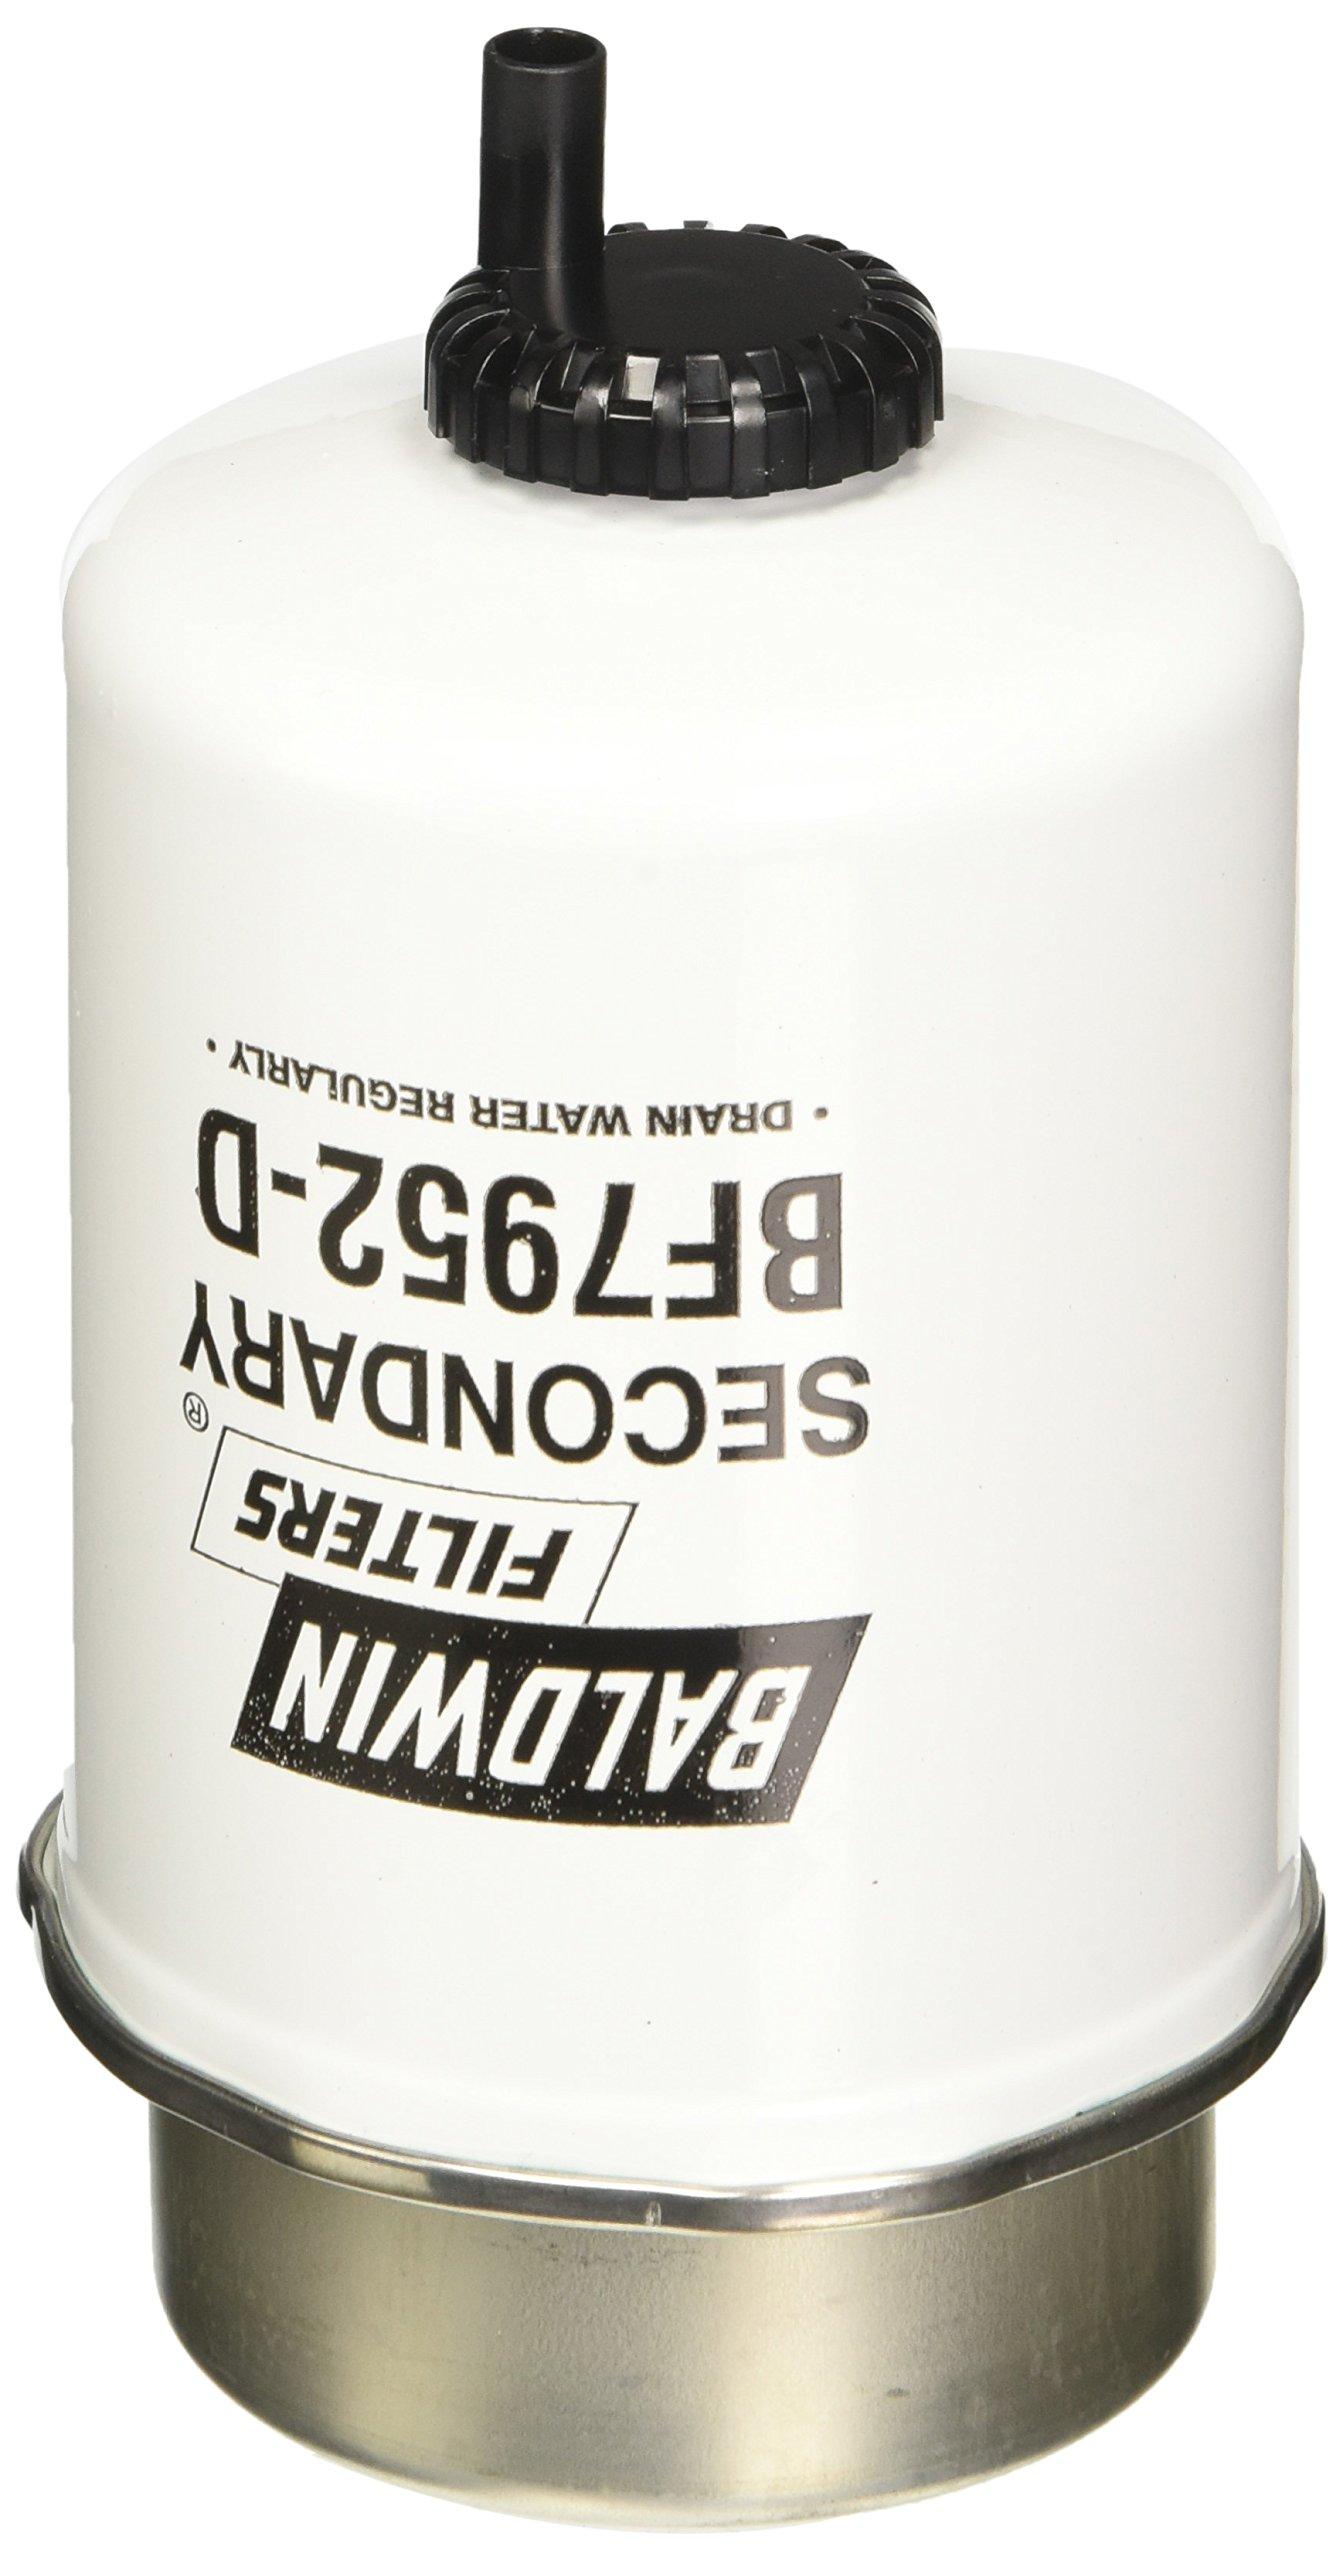 Baldwin Heavy Duty BF7952-D Fuel Filter,6 x 3-1/2 x 6 In